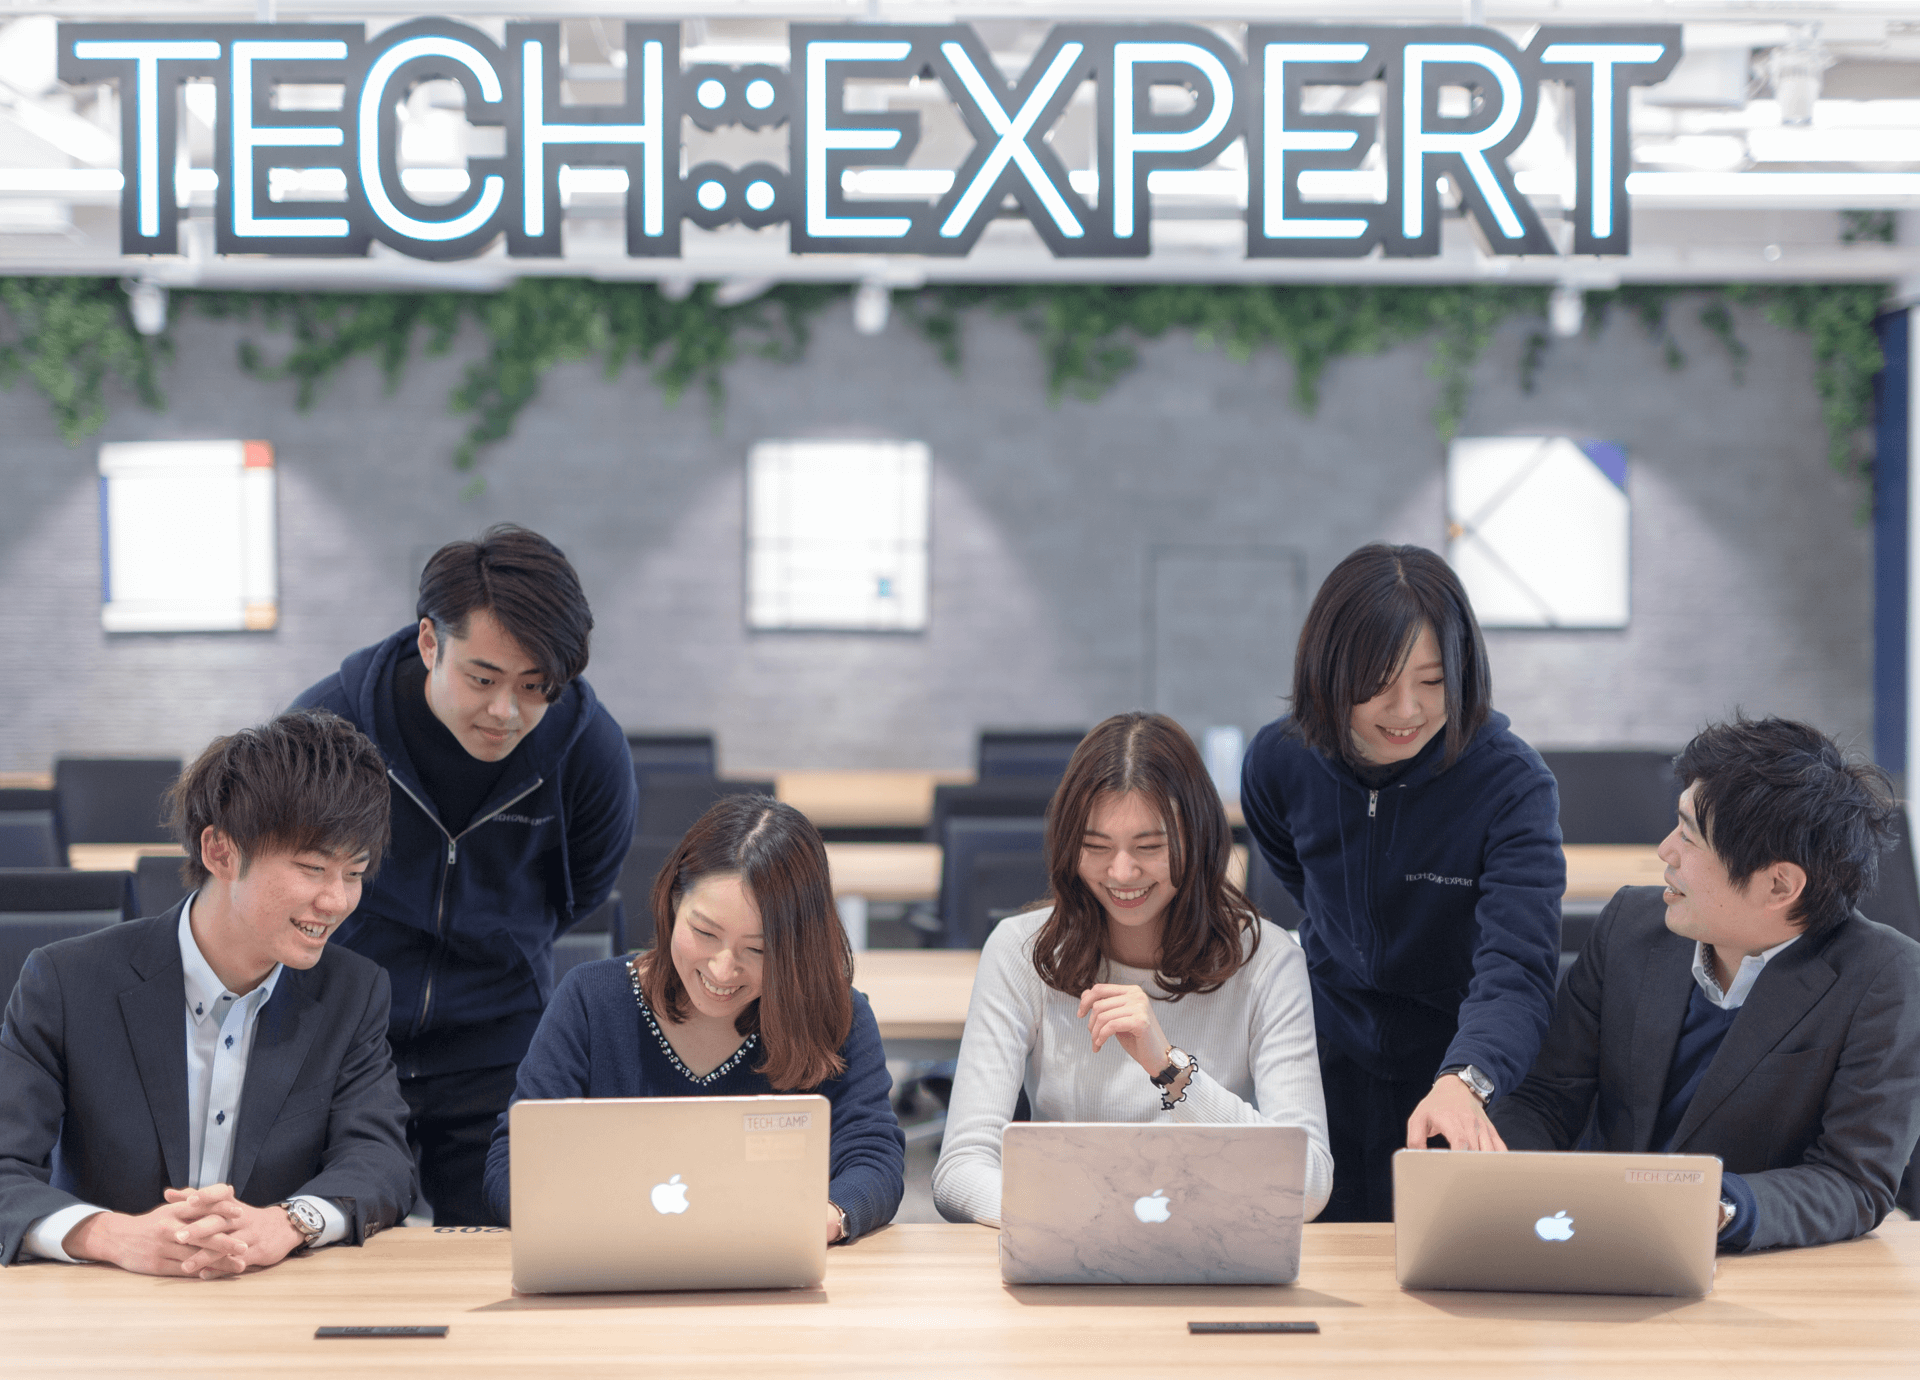 【徹底調査】TECH::EXPERT(テックエキスパート)でエンジニア転職・独立は超おすすめ【評判】